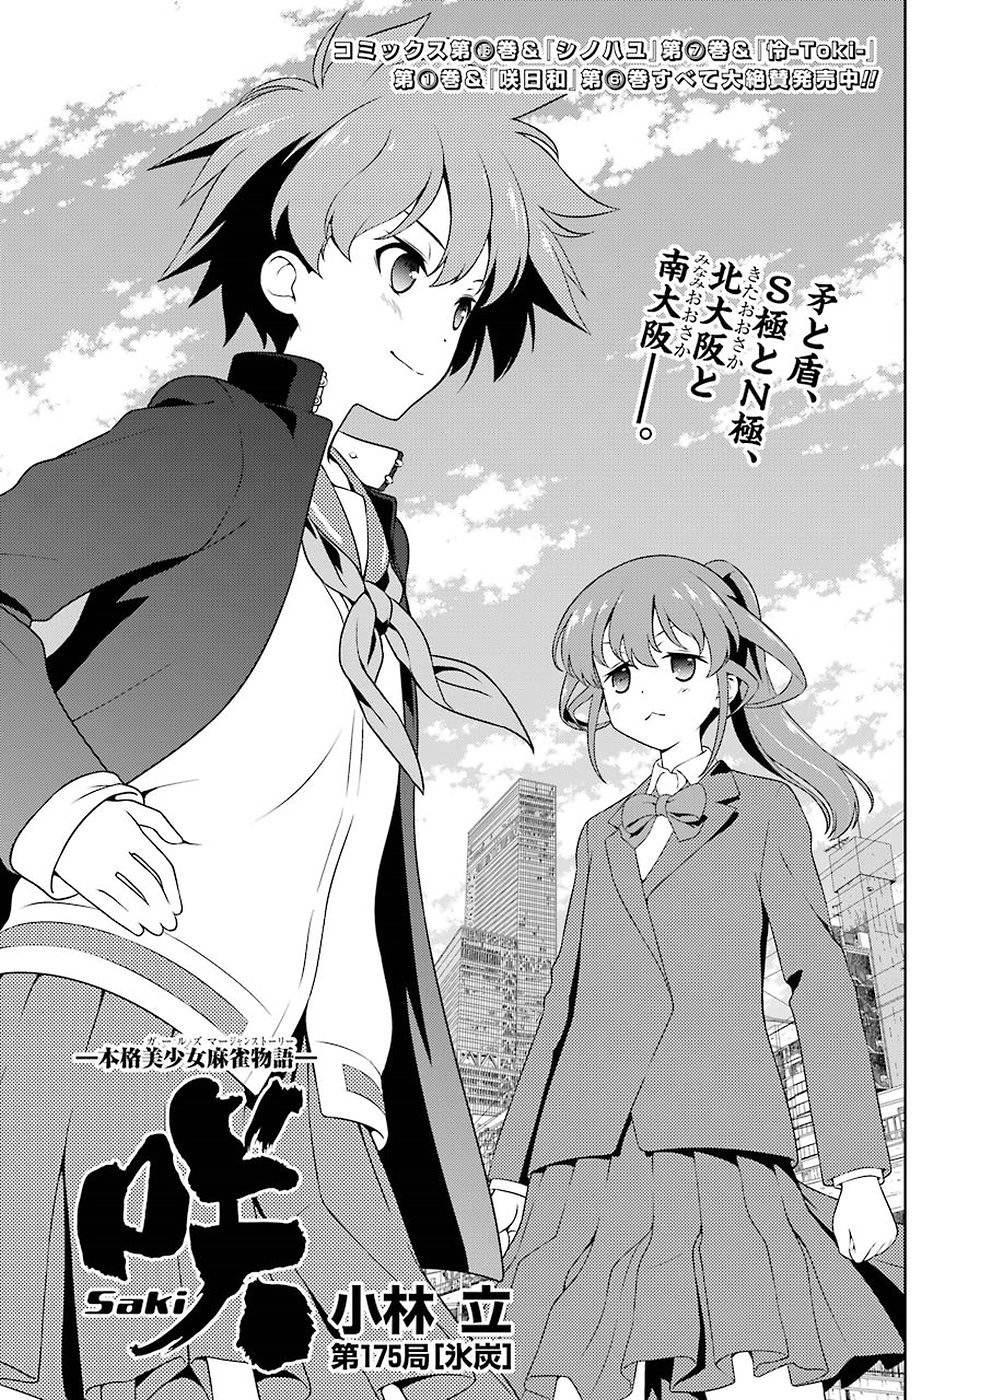 Saki Chapter 175 Page 1